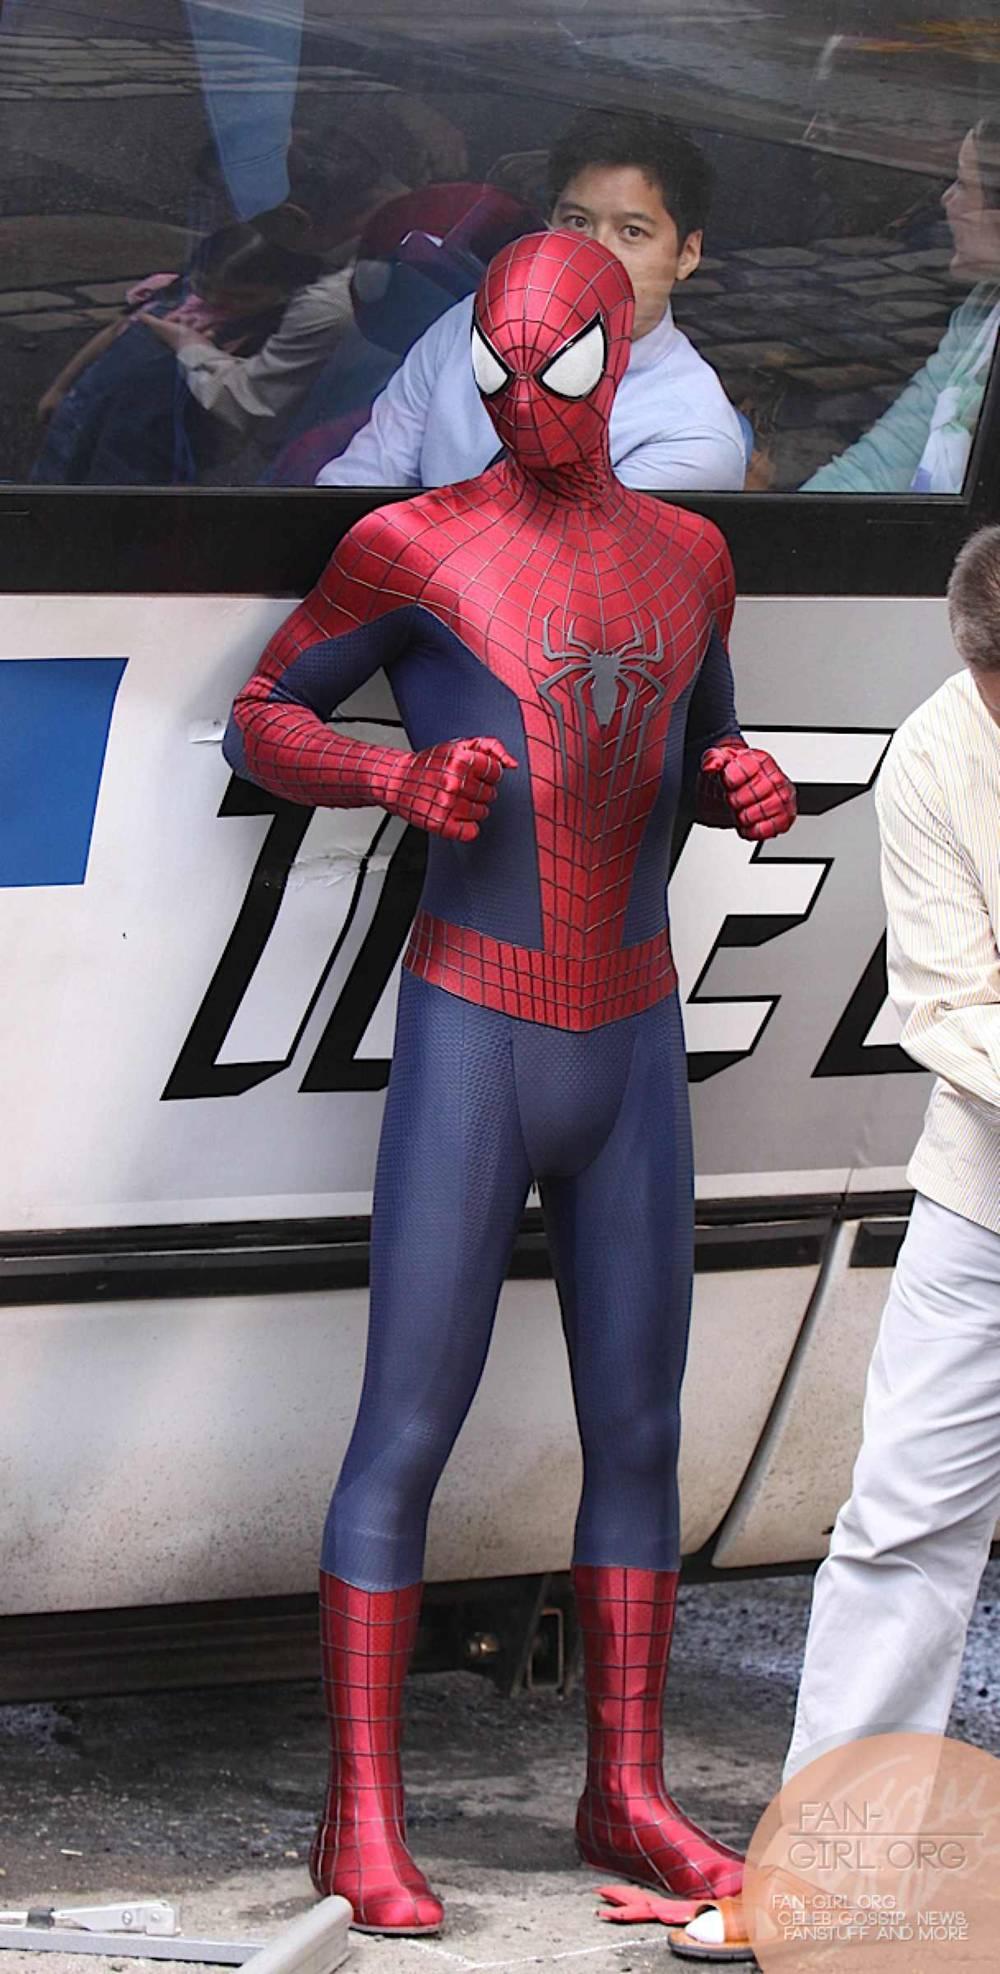 Jared Krichevsky: Amazing Spider Man 2 |The Amazing Spider Man 2 Rhino Suit